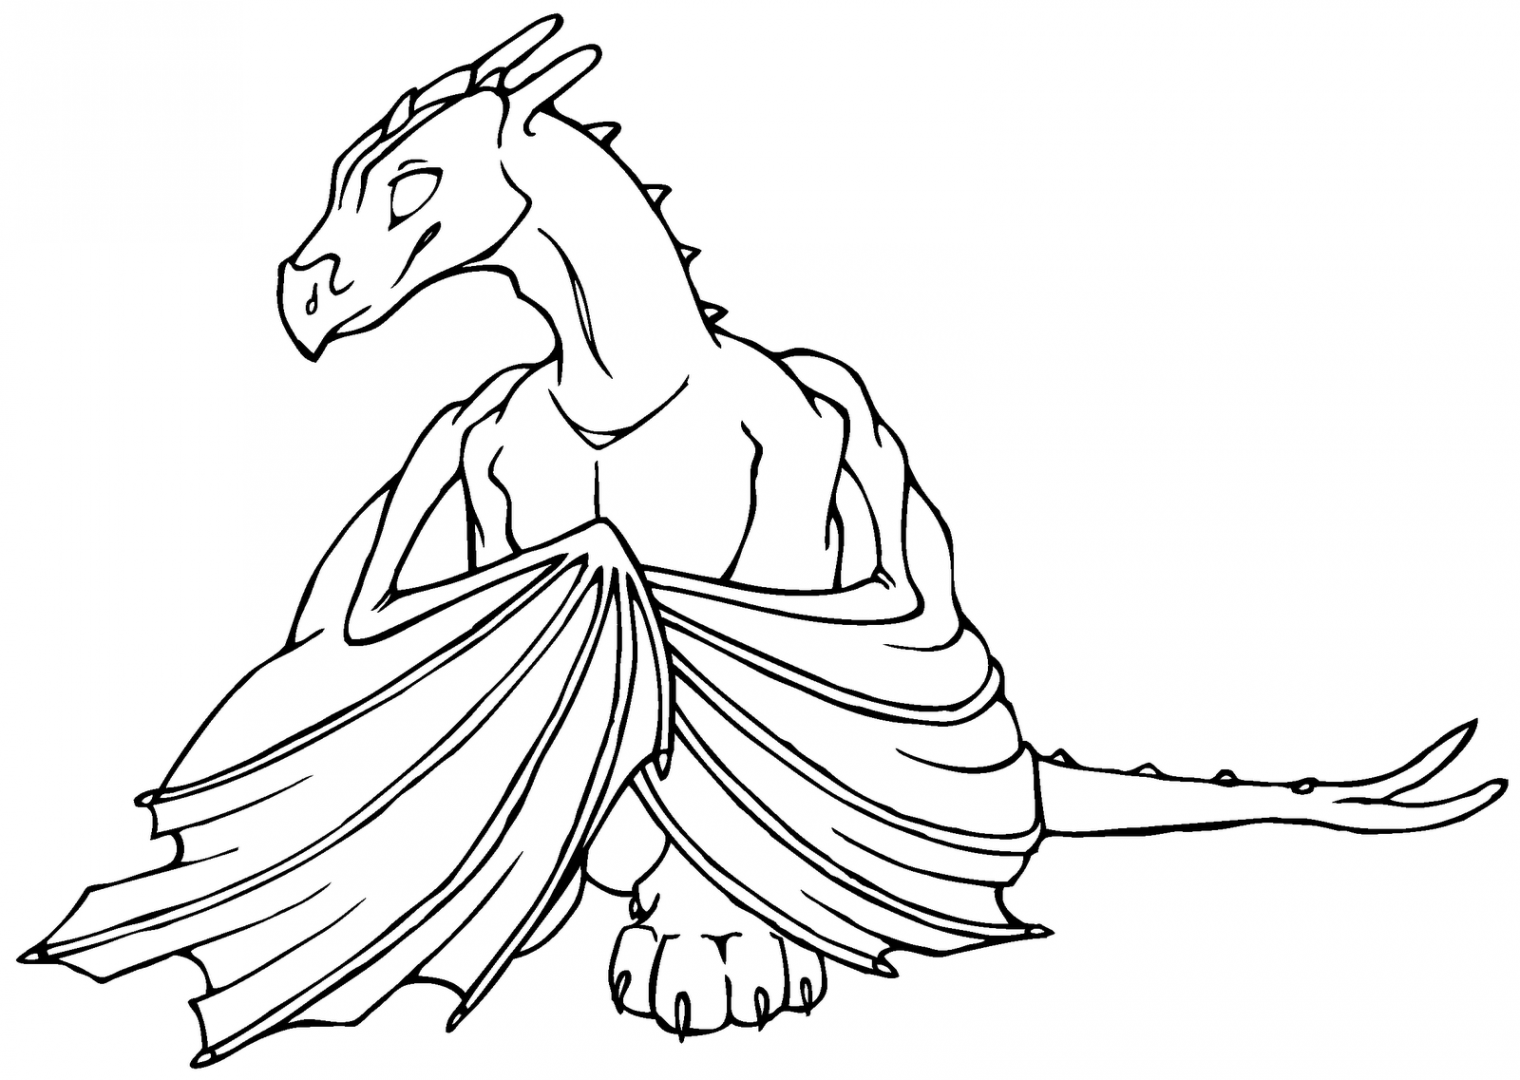 Dragones para colorear :: Imágenes y fotos